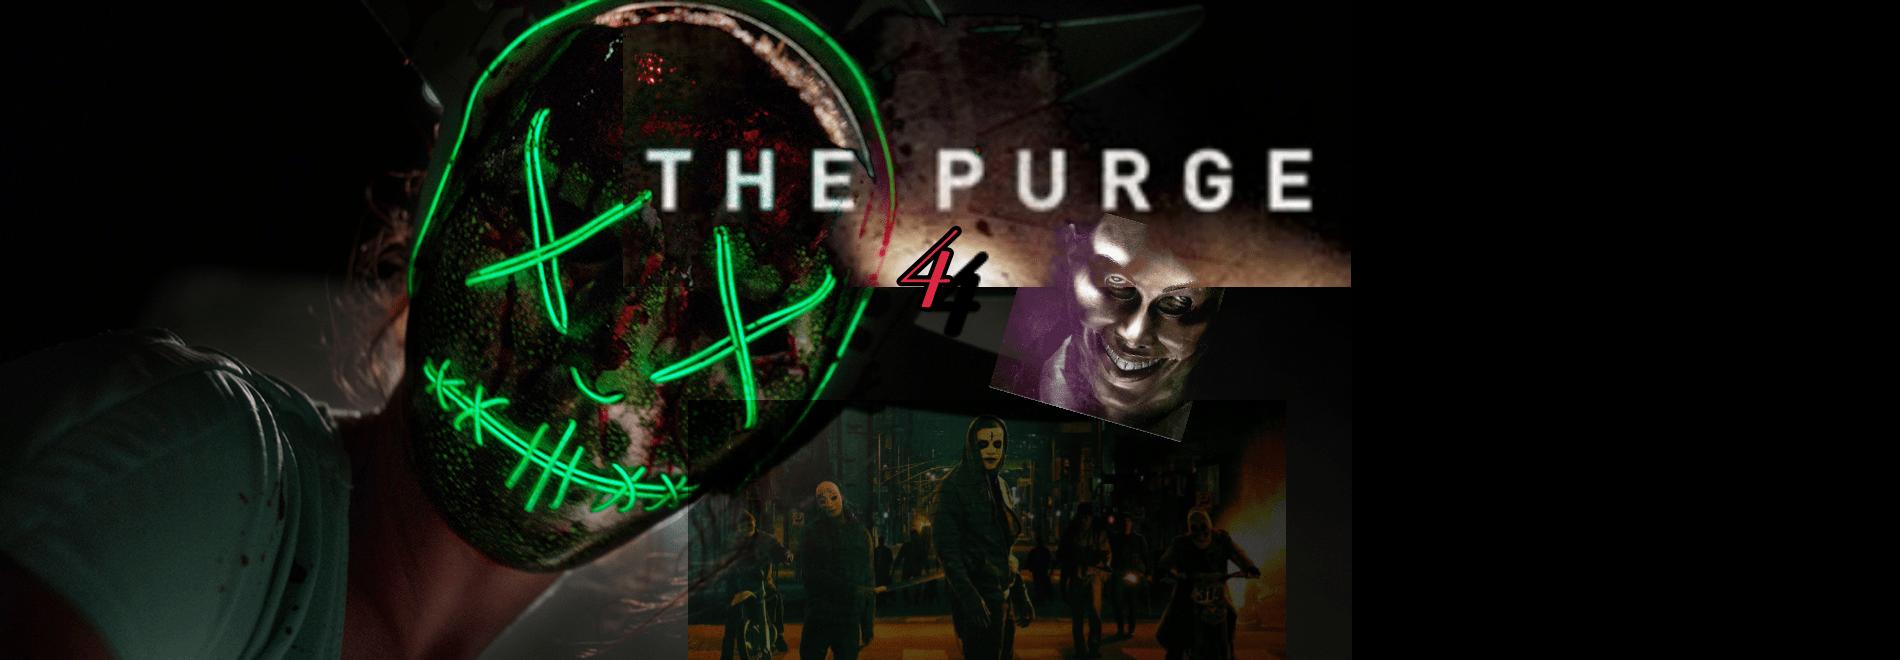 The Purge : Que donne la série des origines du film ?